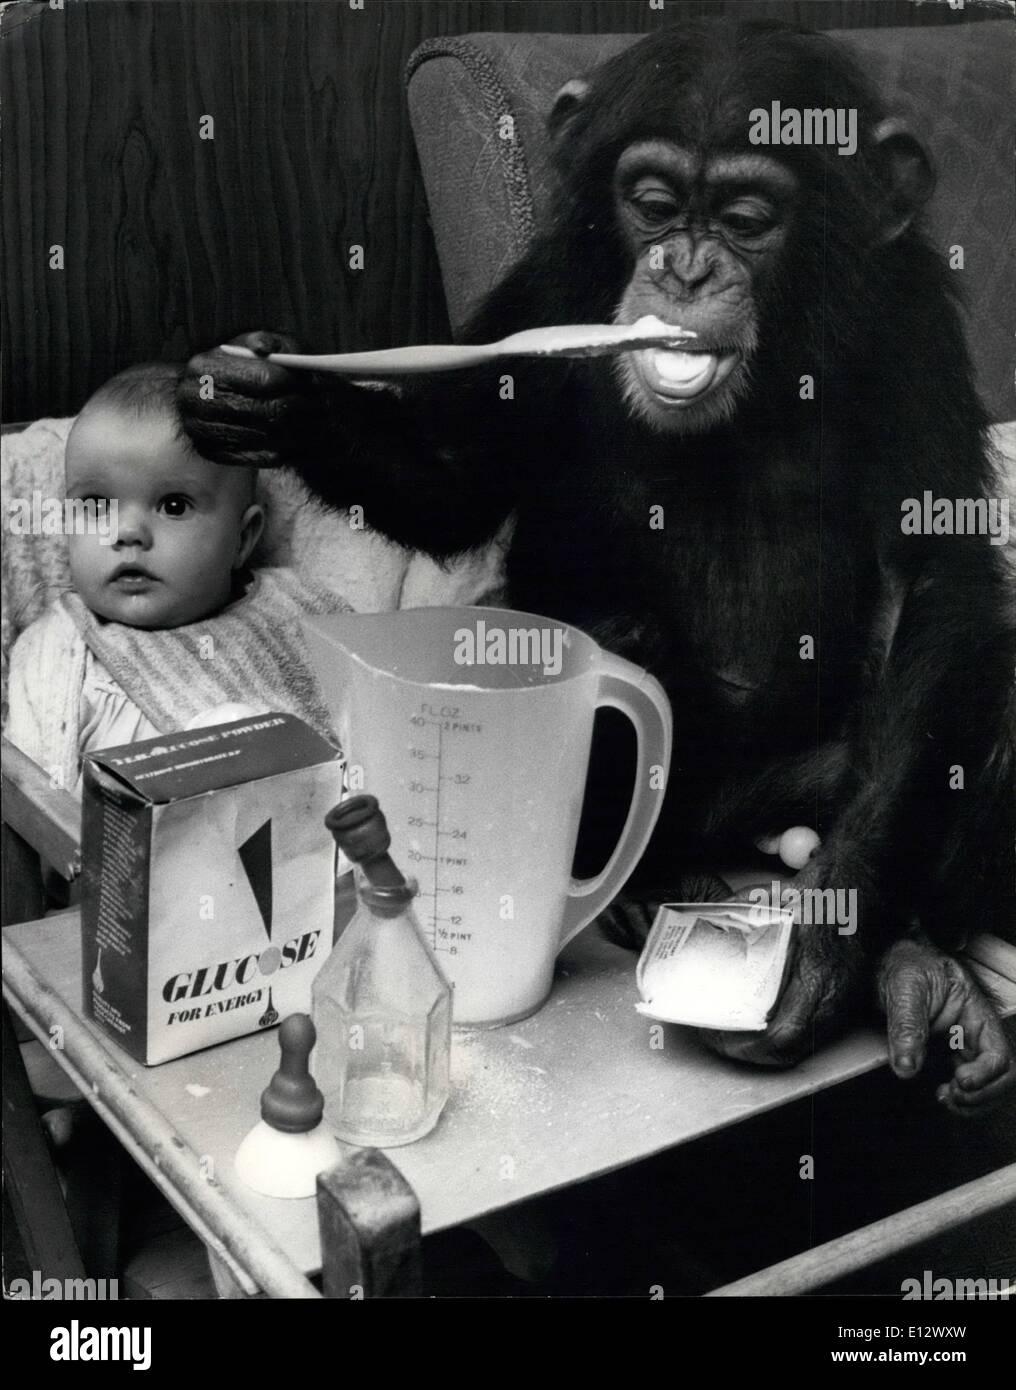 El 25 de febrero, 2012 - LAS COMIDAS PUEDE SIGNIFICAR MONKEY BUSINESS: Todo niño cuya familia vive en un zoo es cierta para involucrarse en algún tipo de negocio de mono en algún momento u otro. Y desde Judy, un chimpancé de dos años Southam Granja Zoológico en Warwickshire, se mudó con el Sr. y la Sra. Leslie garras - sus 6 mes de edad-nieta Tracey-Jane ha encontrado que la vida está llena de monkey business. Para Judy ha desarrollado un interés definido en el biberón y hace una excelente ''Nana'' para jóvenes Tracey-Jane. 4. Después de mezclar la comida Judy lo intente. Sólo para asegurarse de su perfecto para Tracey-Jane. Foto de stock